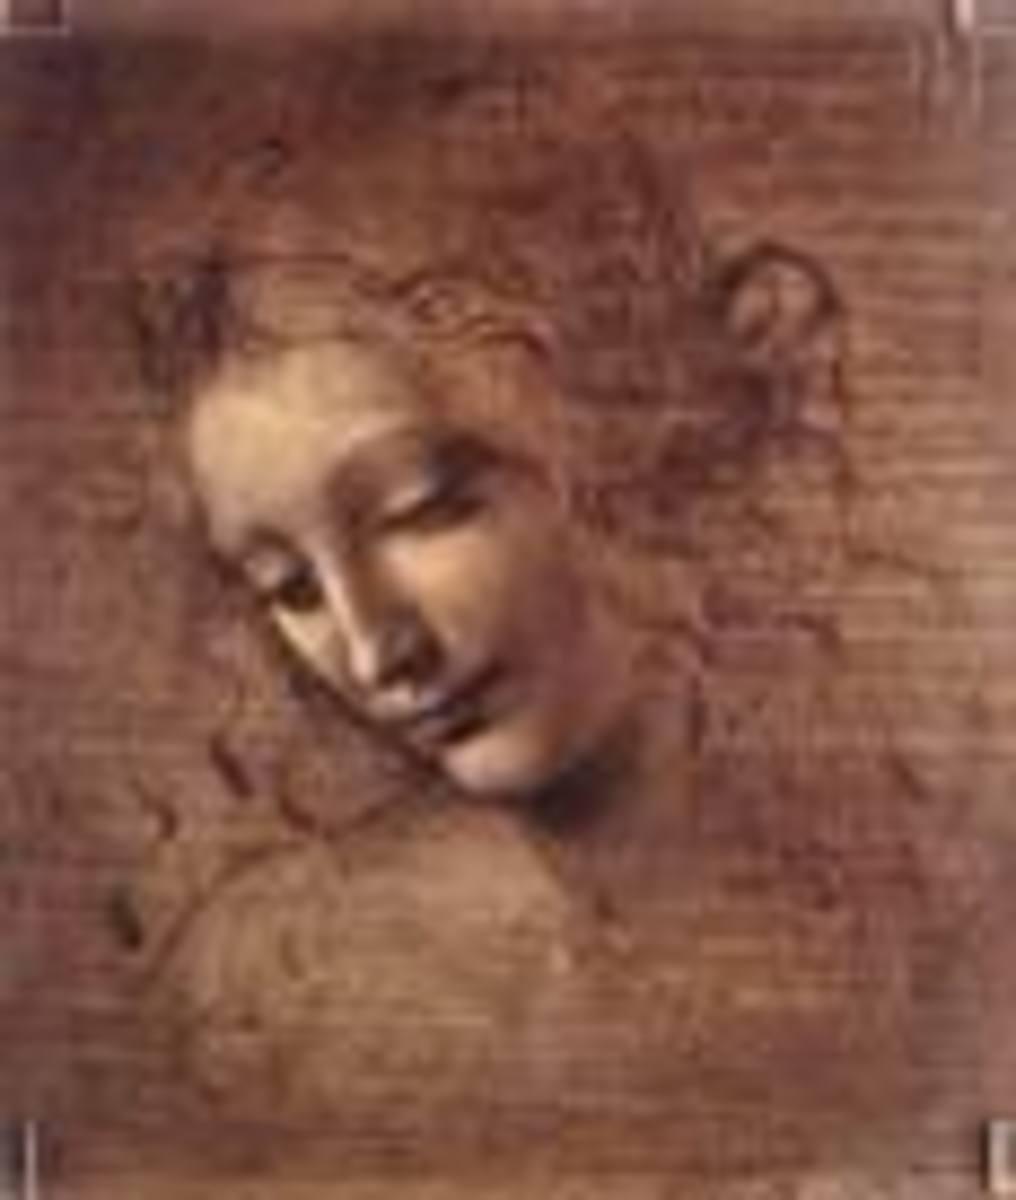 La Scapigliata--A Woman Uncombed--                    My Personal Favorite